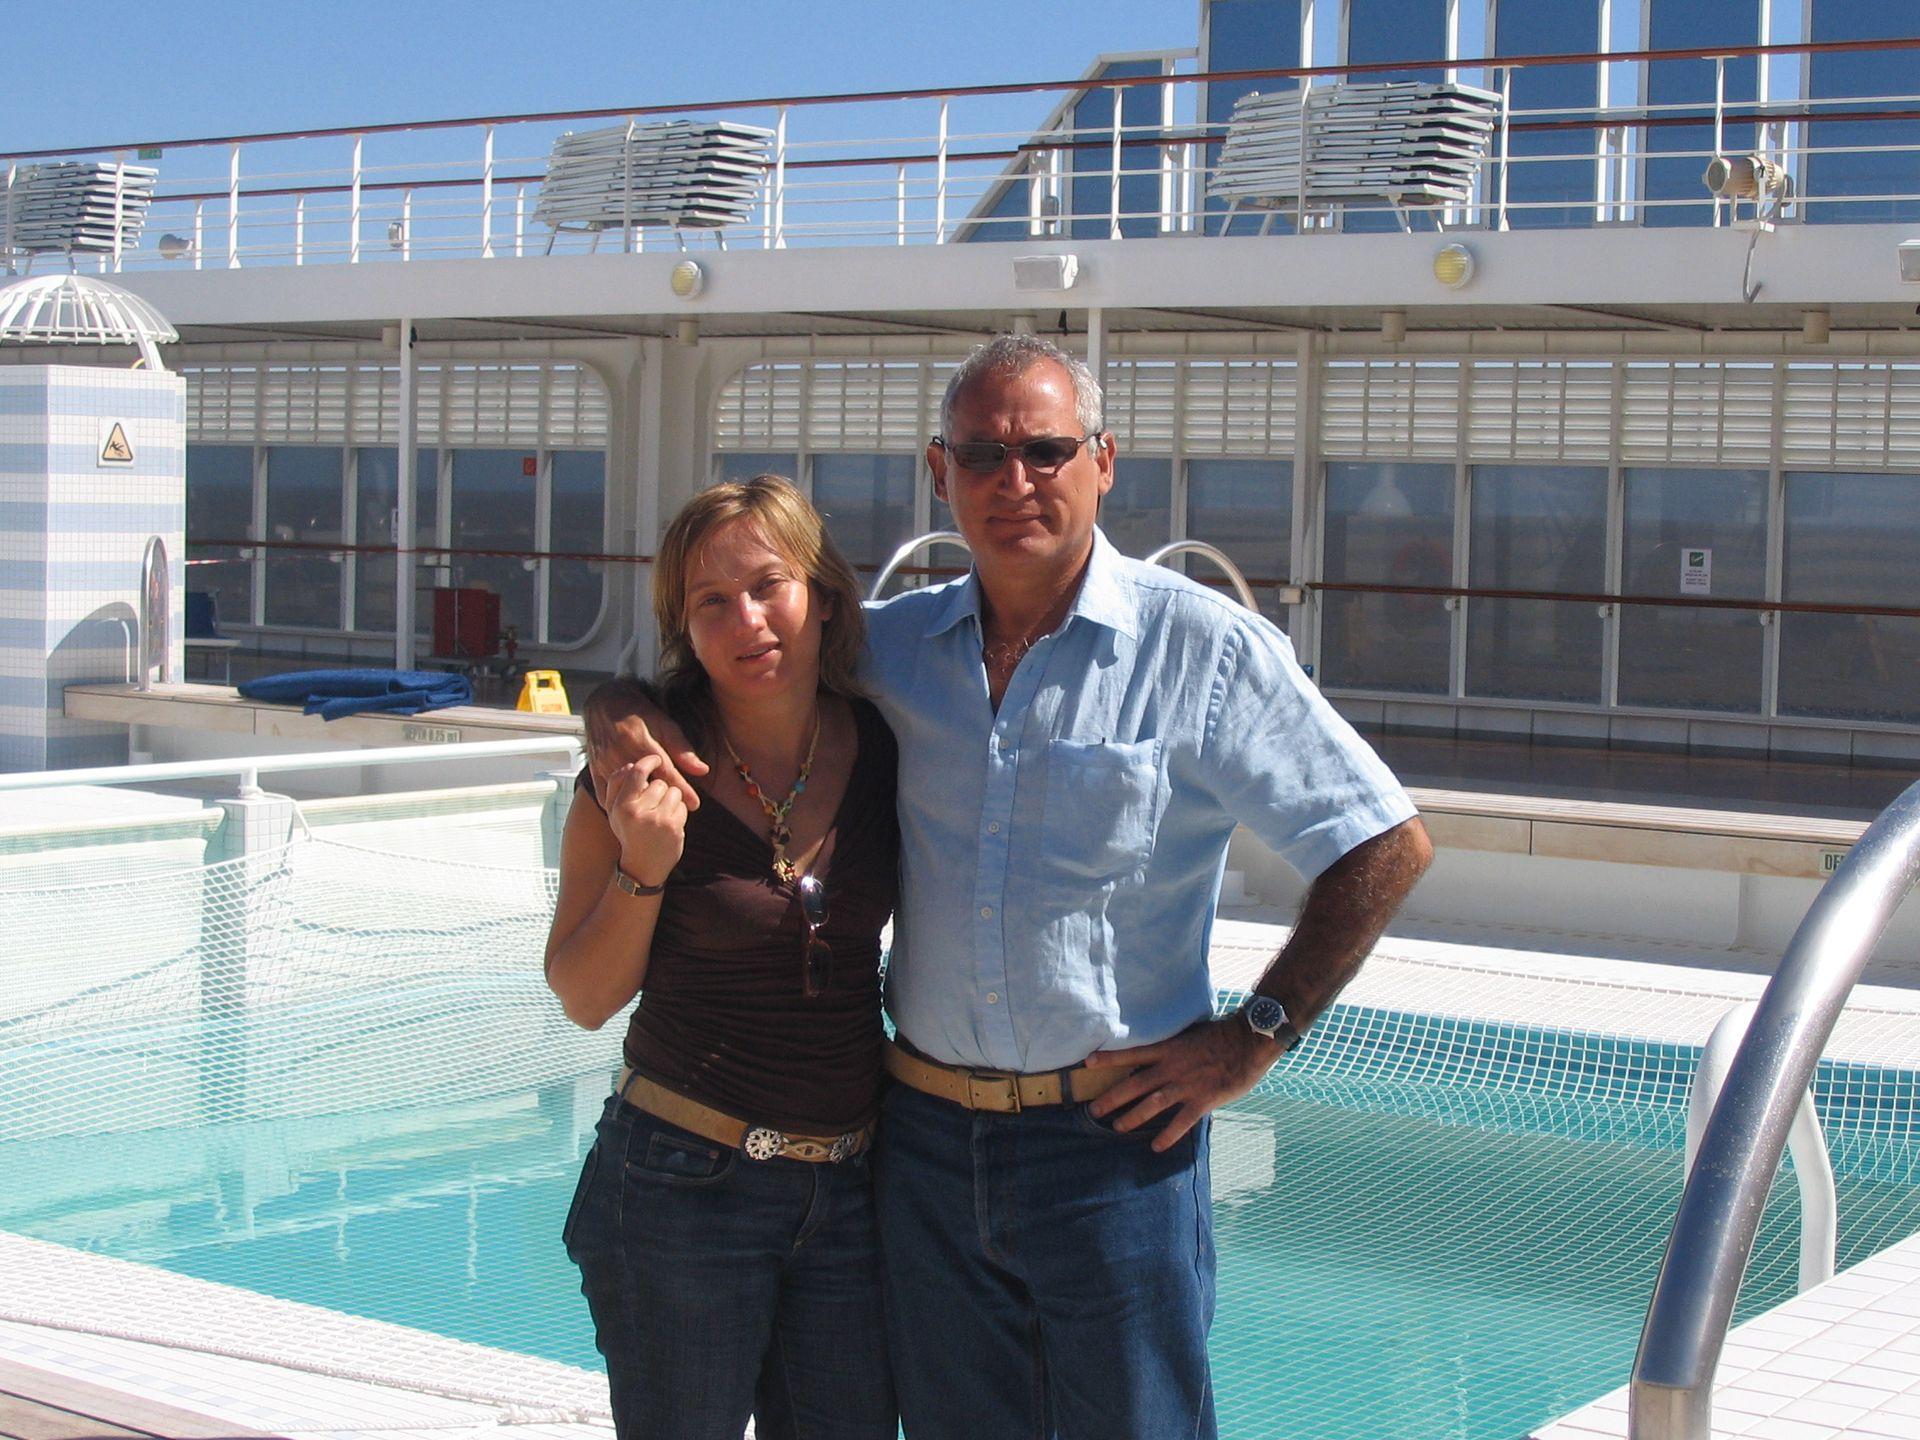 Au revoir. En 2005 zarparon desde Marsella con sus pertenencias para instalarse en Argentina.